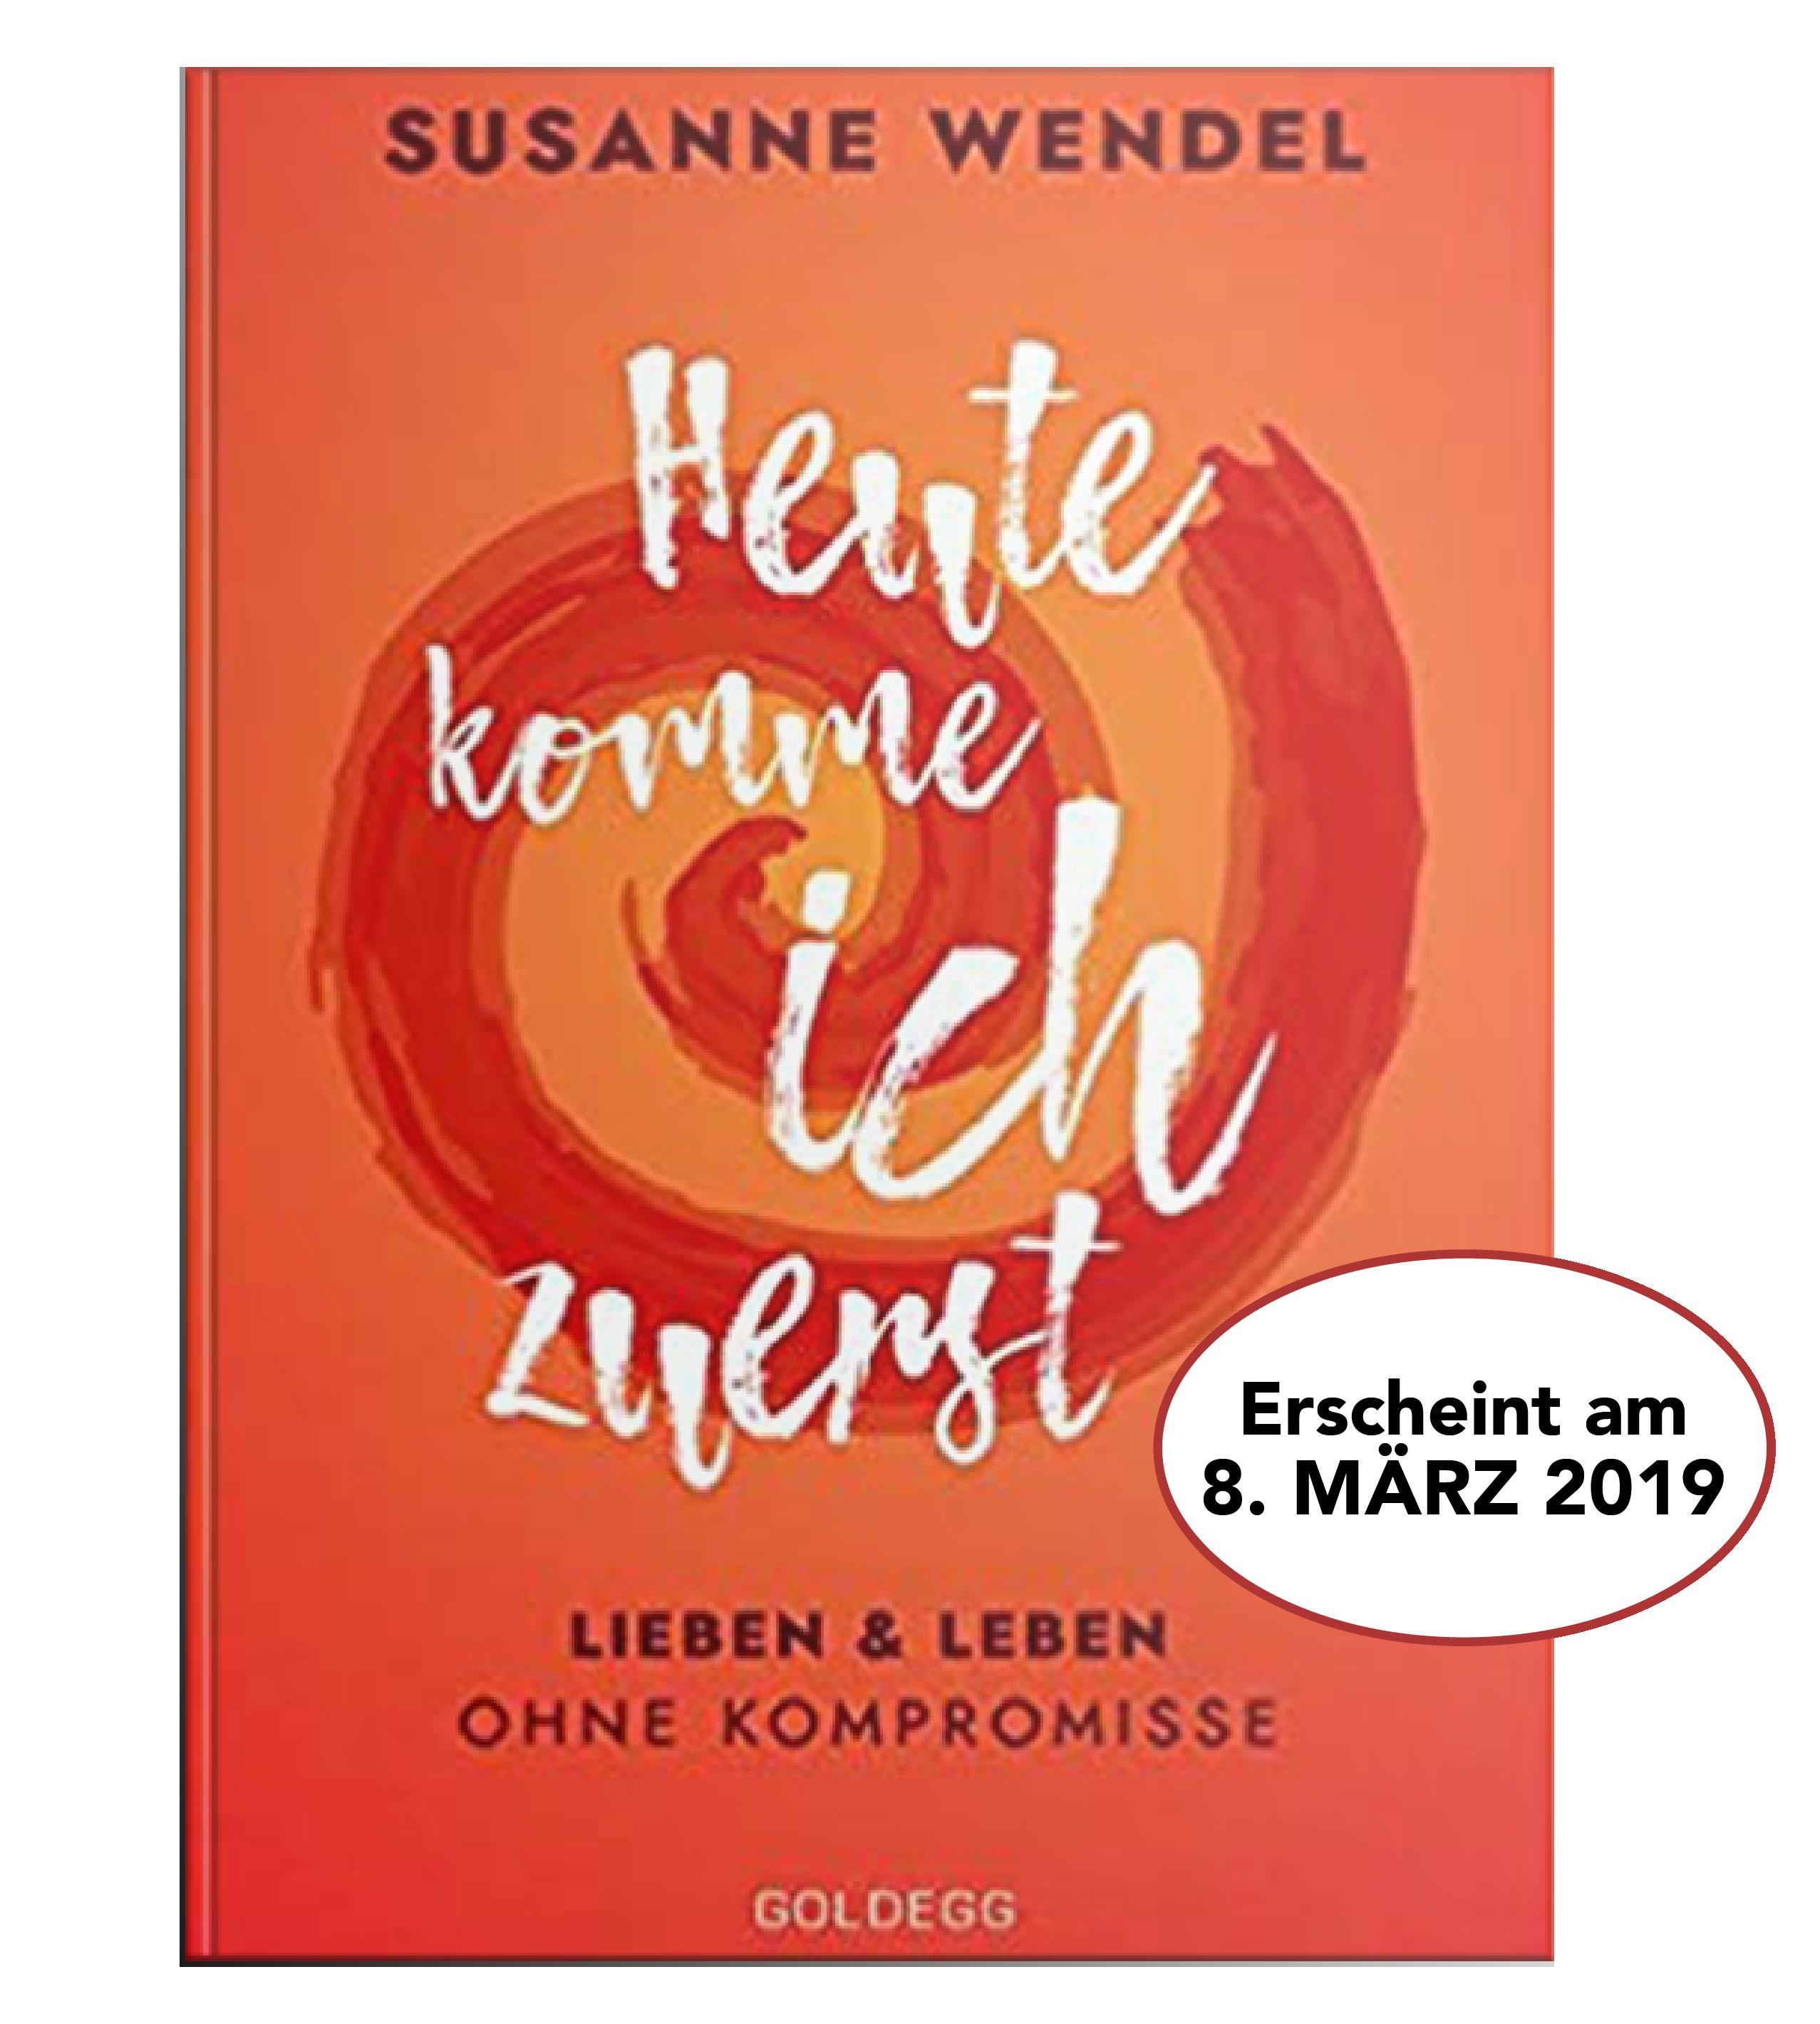 Susanne_Wendel_HeuteKommeIchZuerst_08.03.2019-01